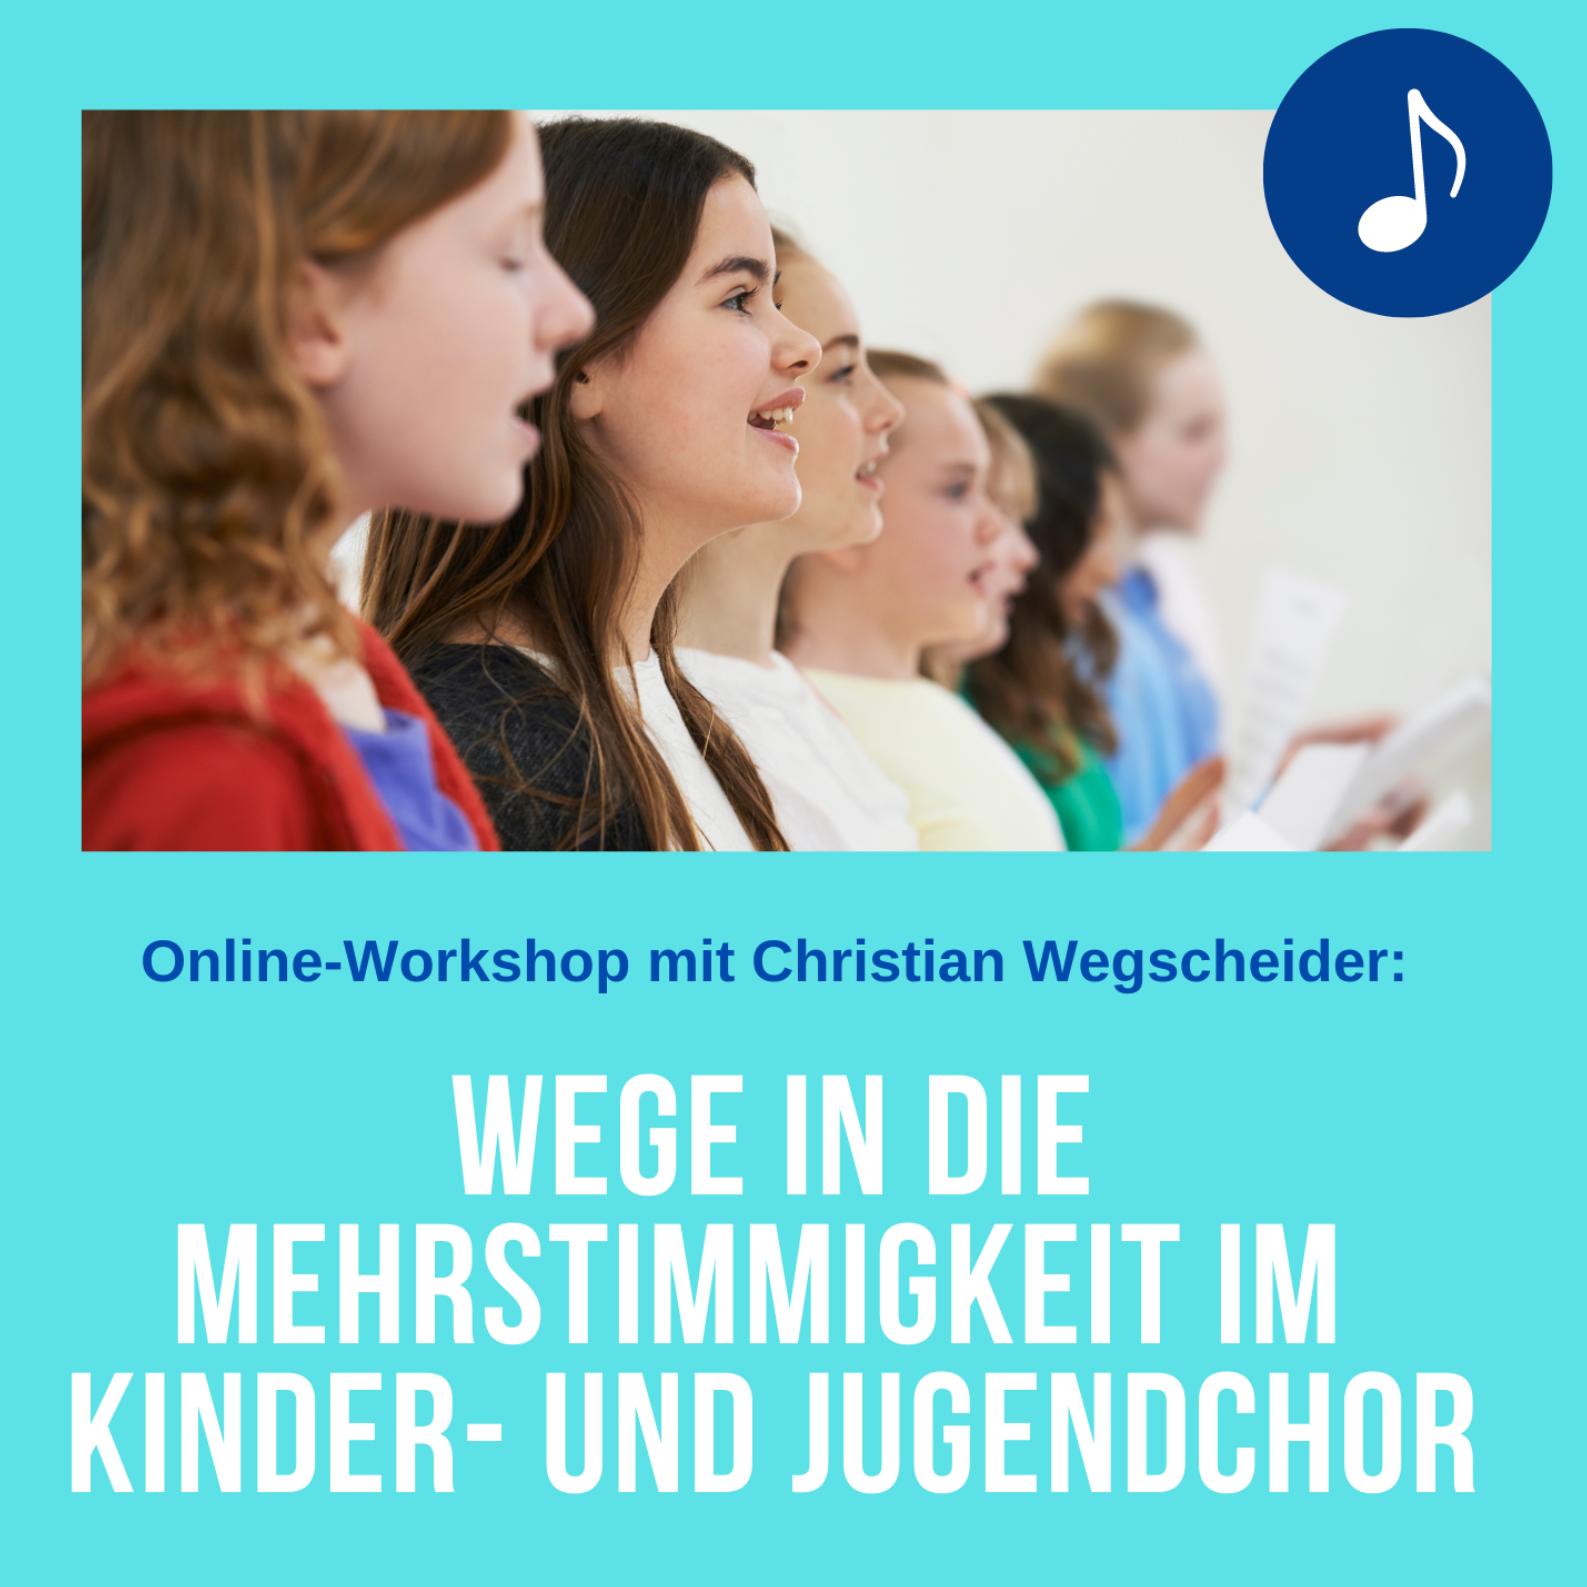 Wege in die Mehrstimmigkeit im Kinder- und Jugendchor